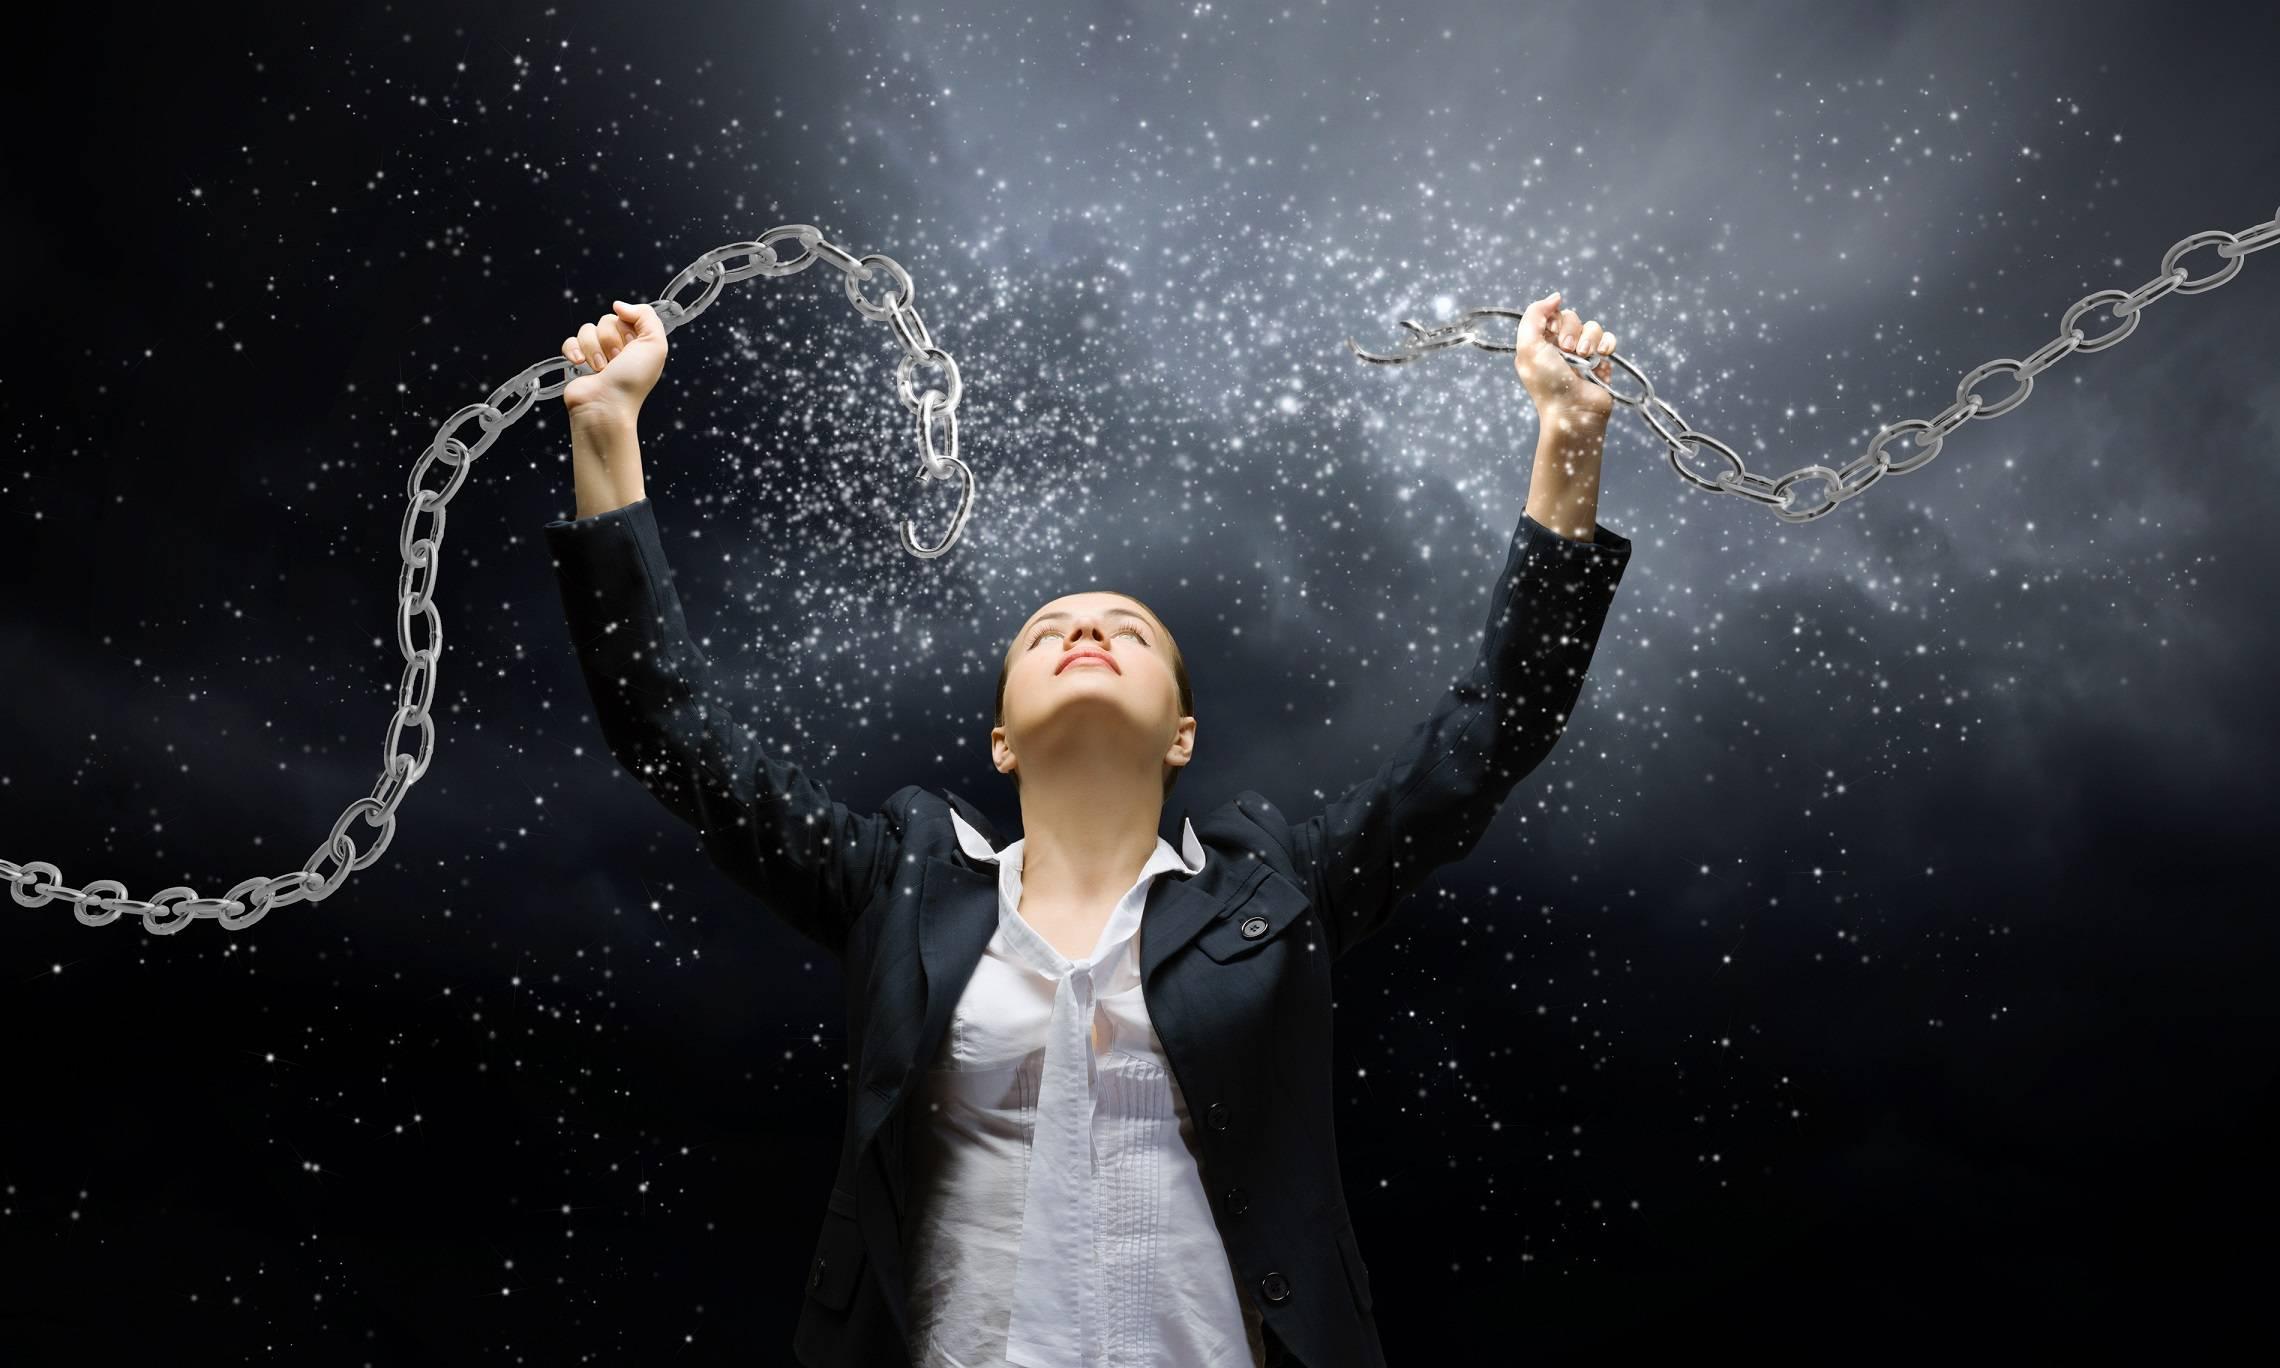 Вина и ответственность — в чем между ними разница? | психология без соплей | авторские статьи, консультации, семинары, тренинги онлайн